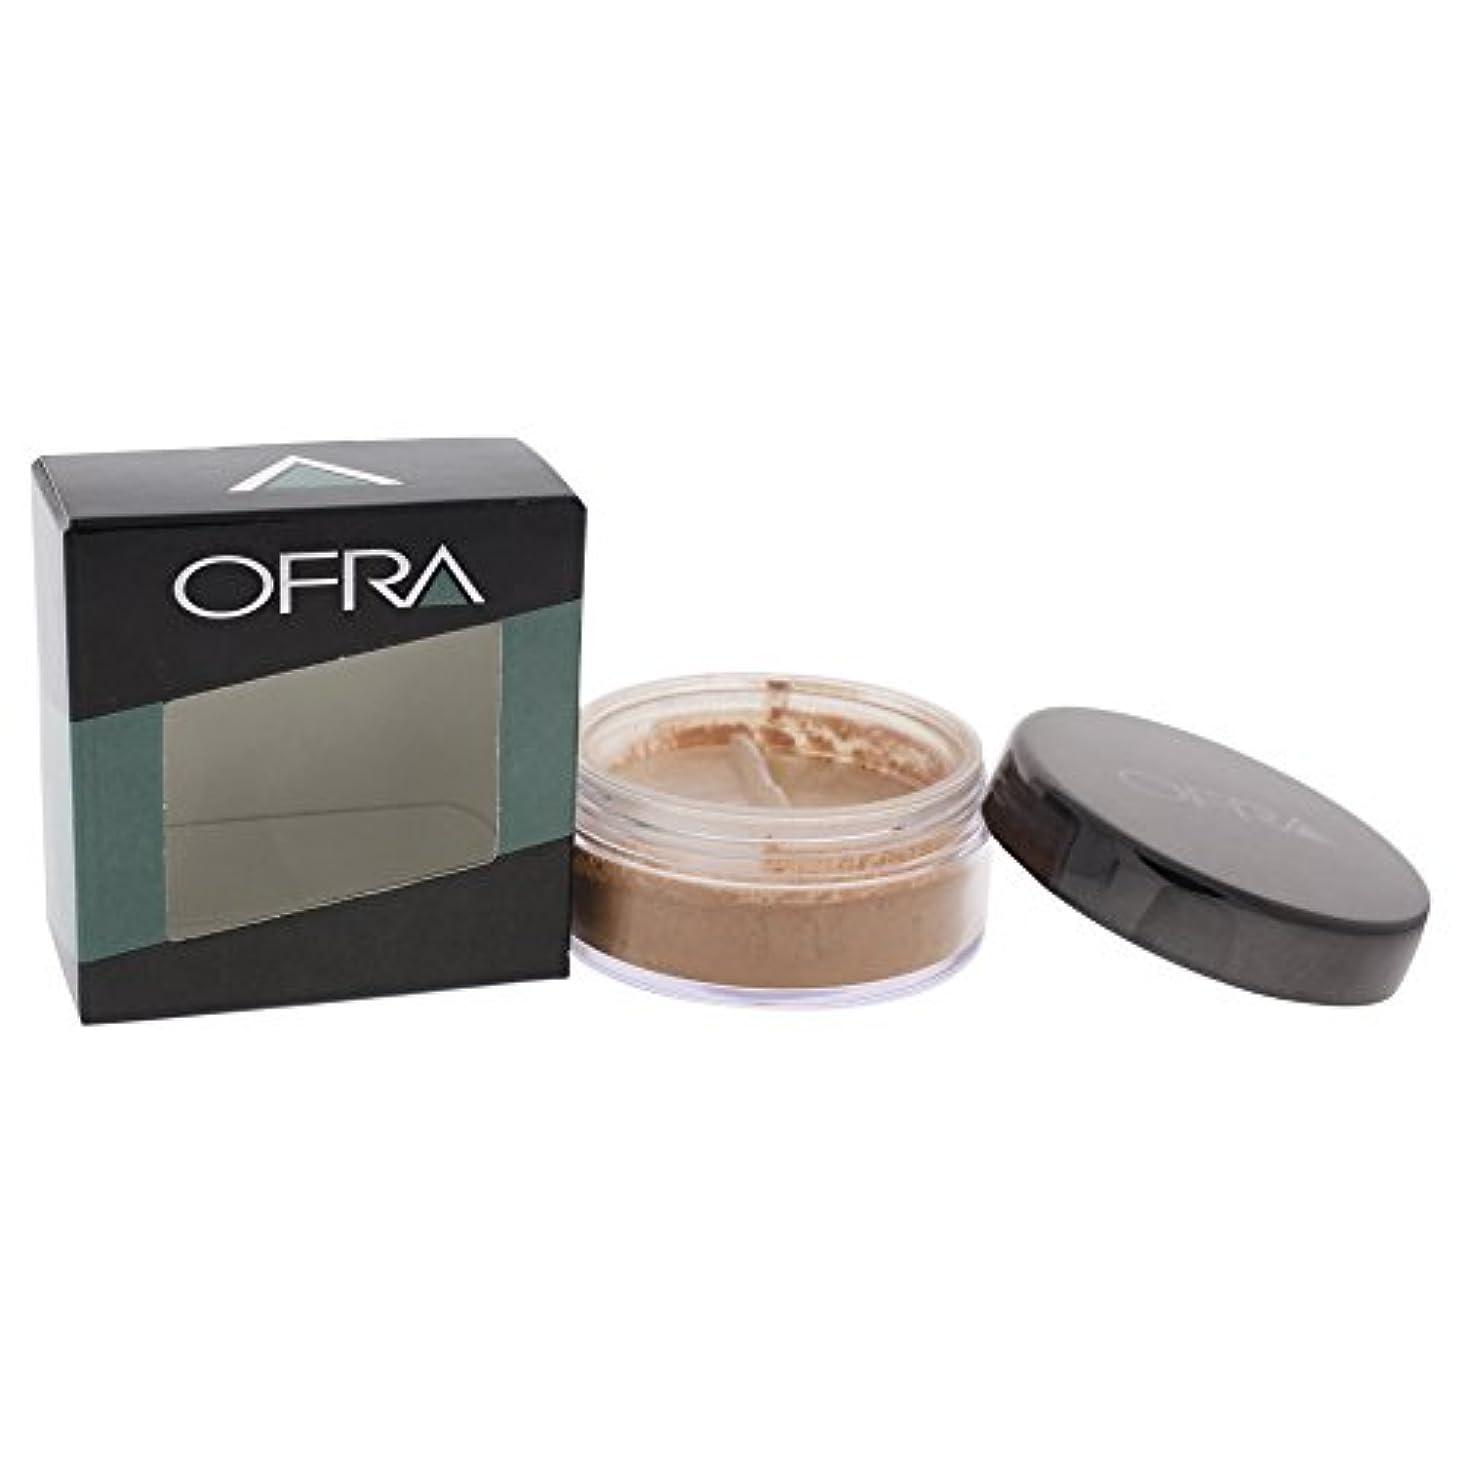 範囲石化する冷蔵するDerma Mineral Makeup Loose Powder Foundation - Sand